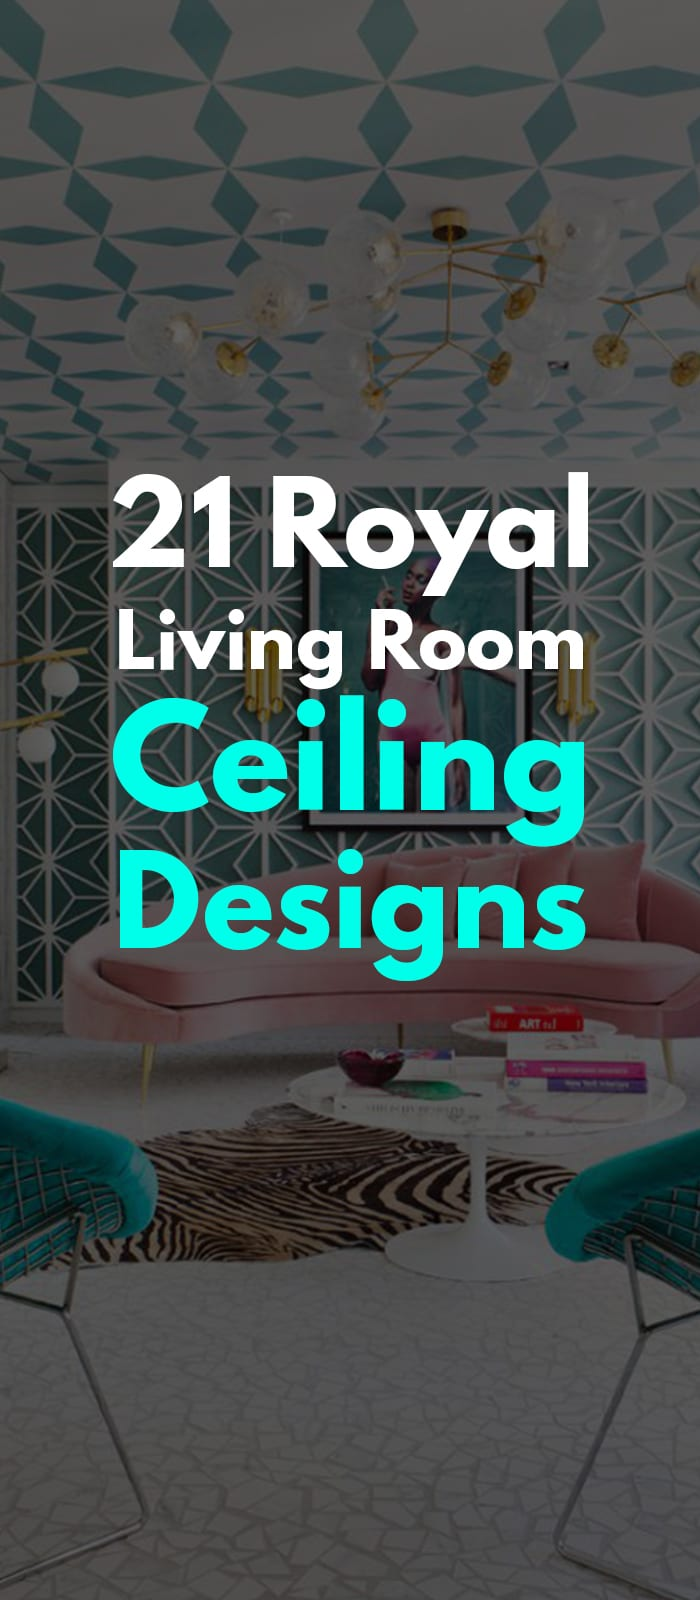 Patterned ceiling design for living room.